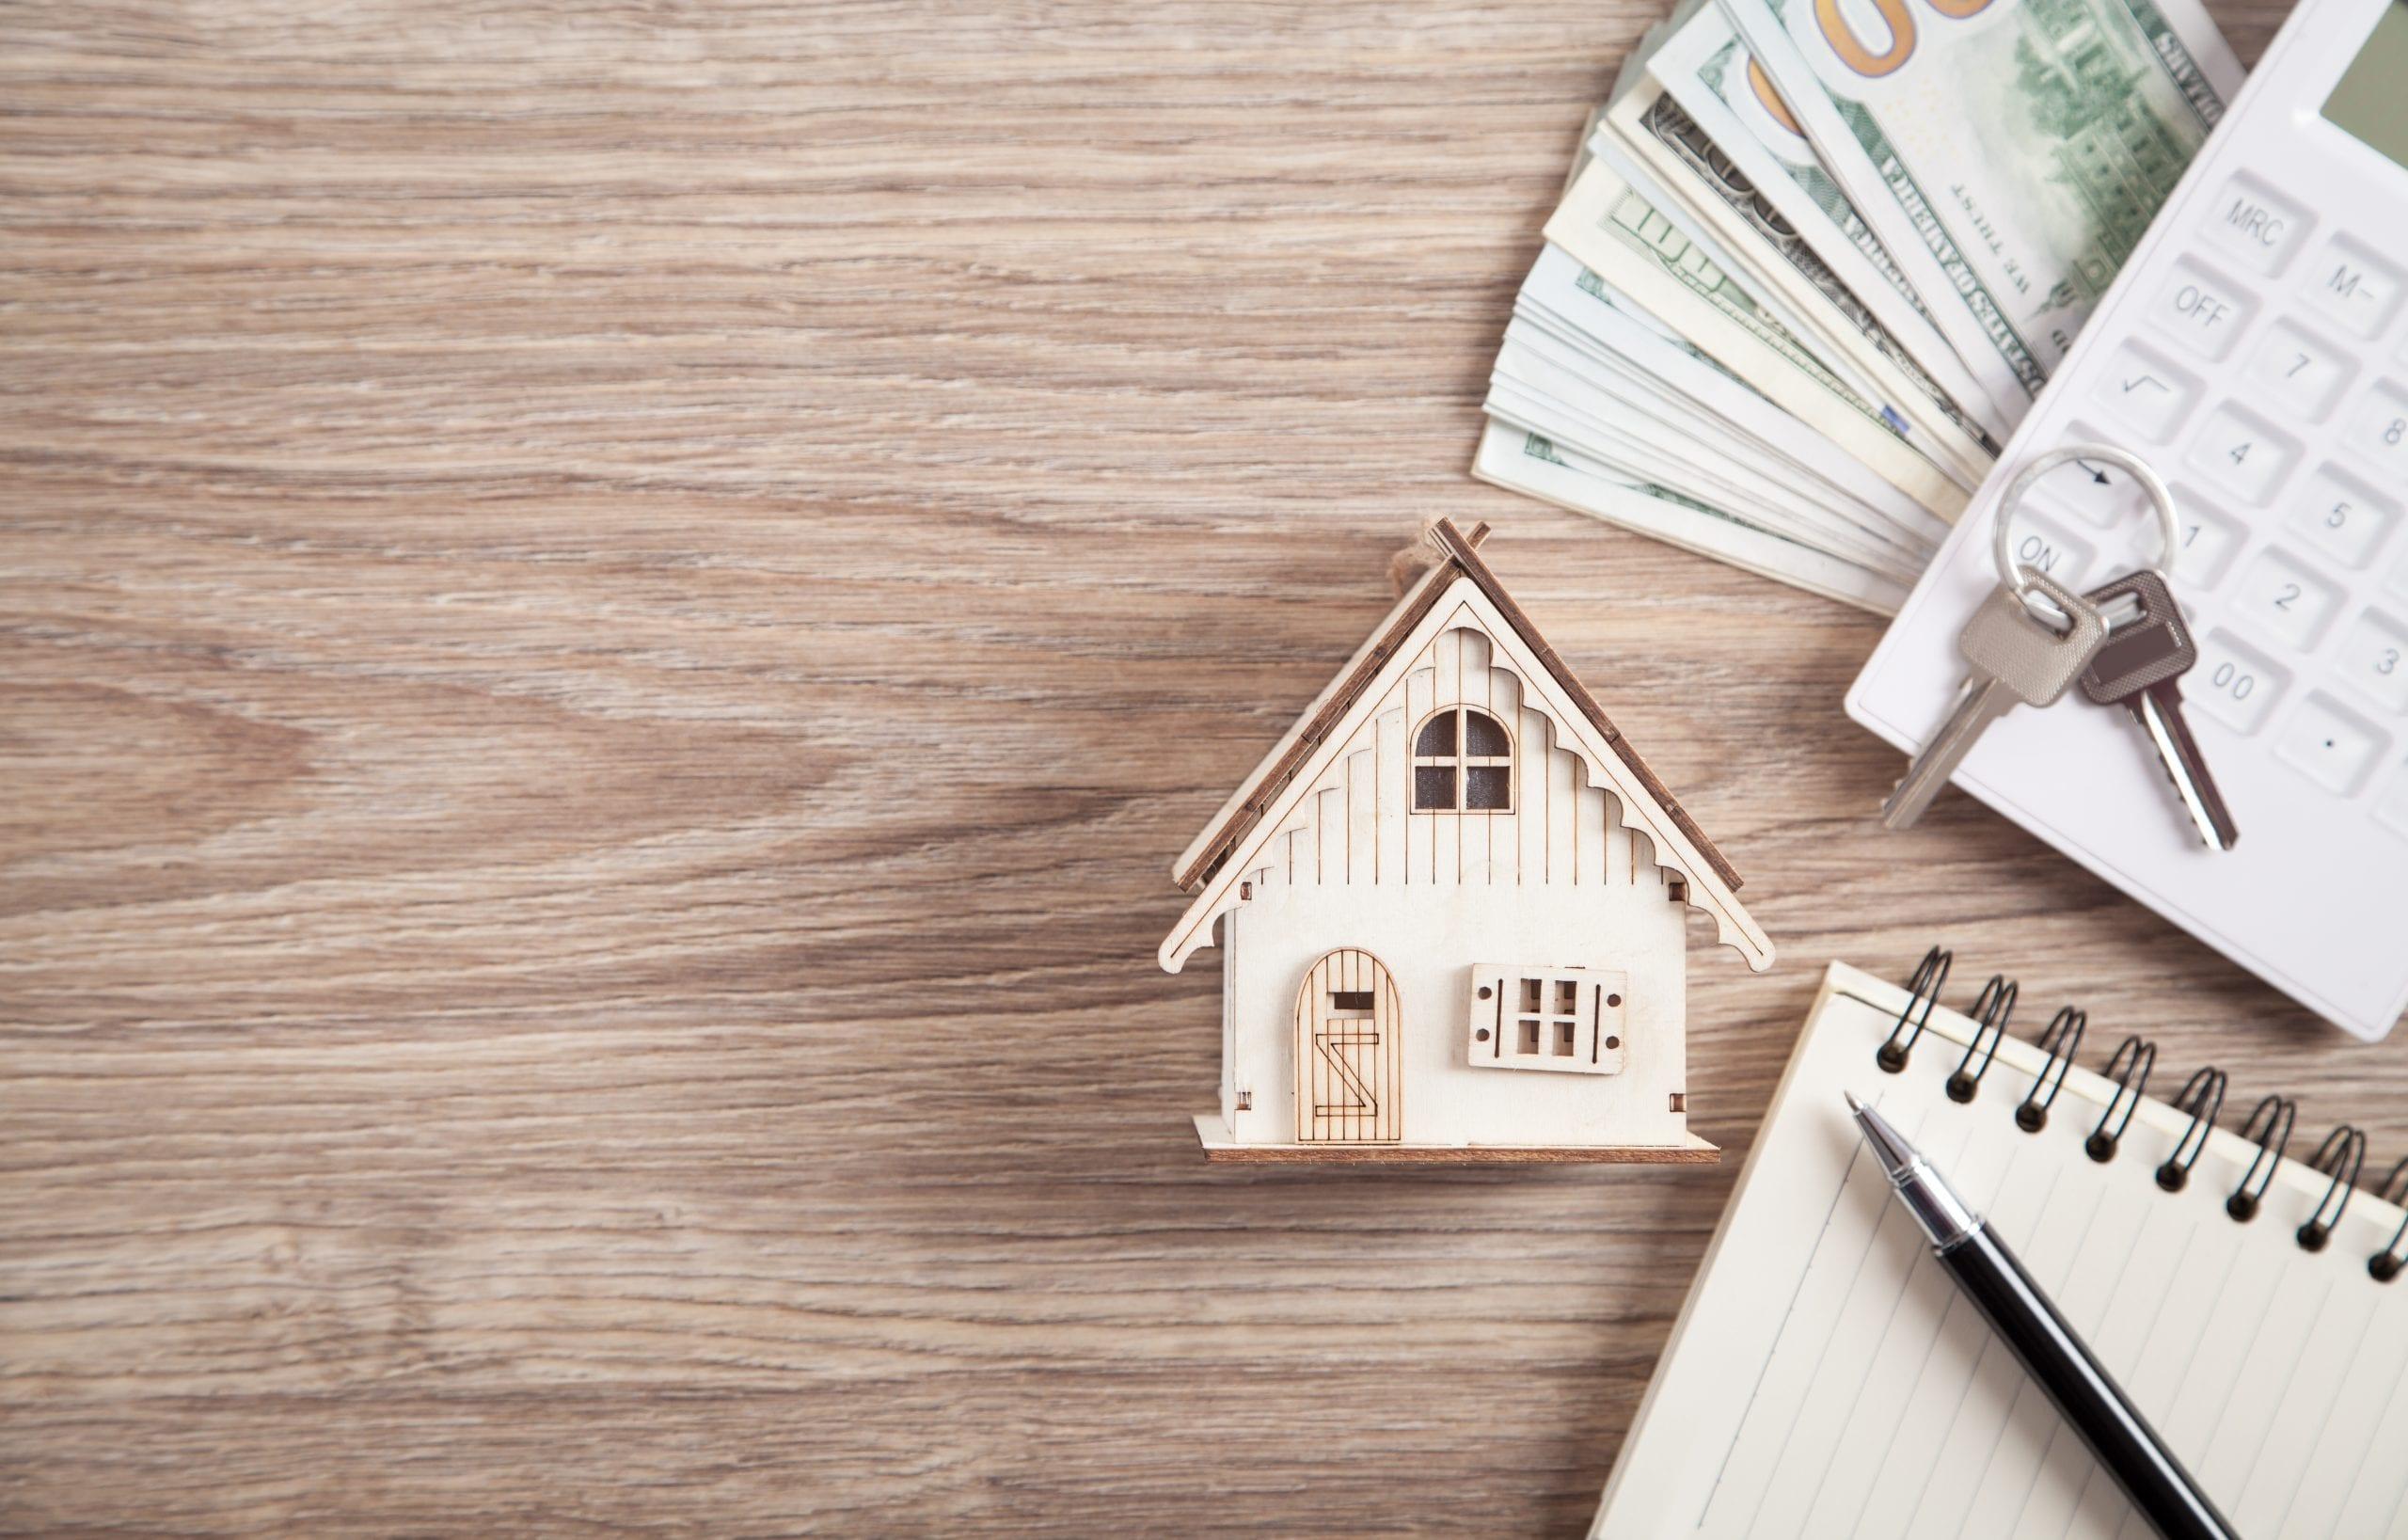 Hausmodell, Schlüssel, Geld und Taschenrechner liegend auf einem Tisch.